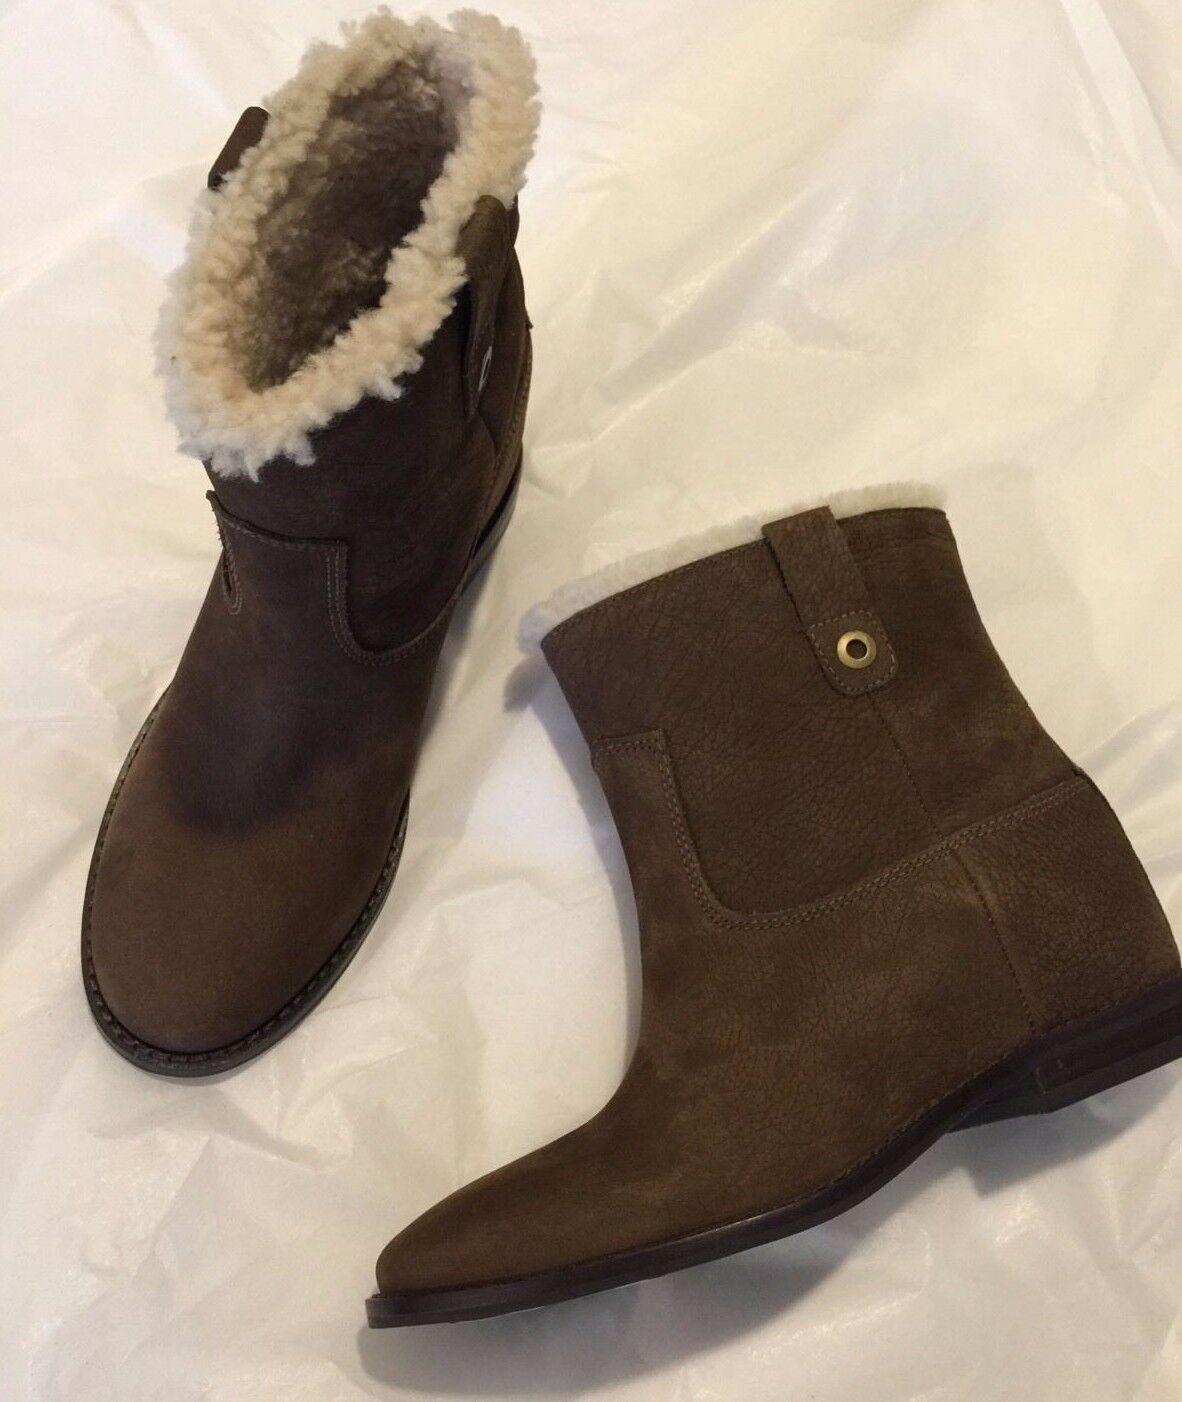 Cole Haan Zillie Genuine Shearling Hidden Wedge Stiefel - Damens Damens - Größe 6 41d875